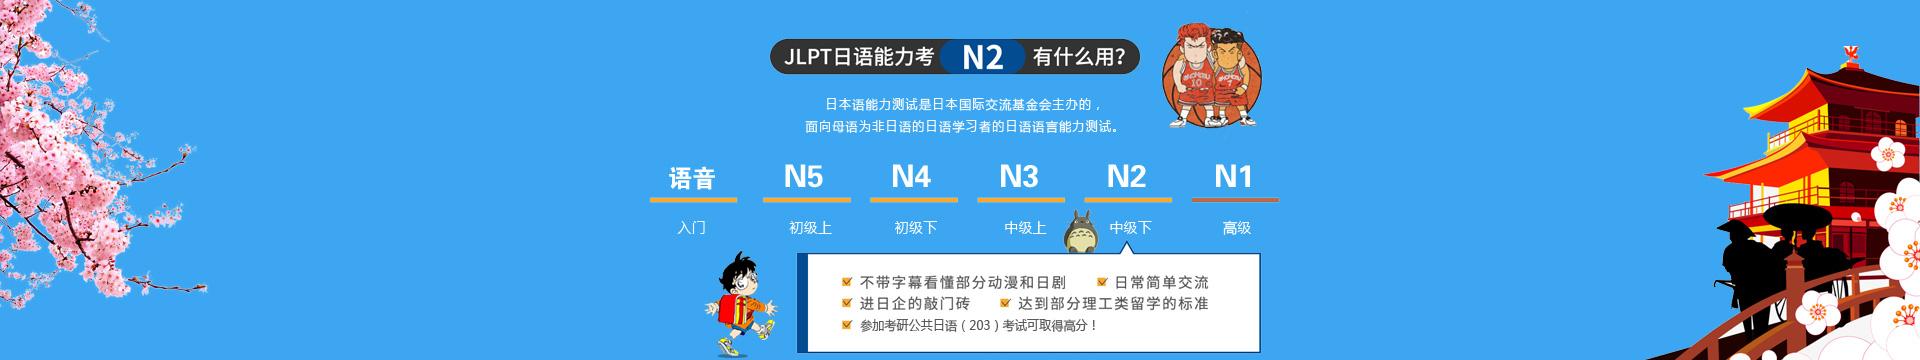 雅风小语种告诉你JLPT日语能力考试N2有什么用